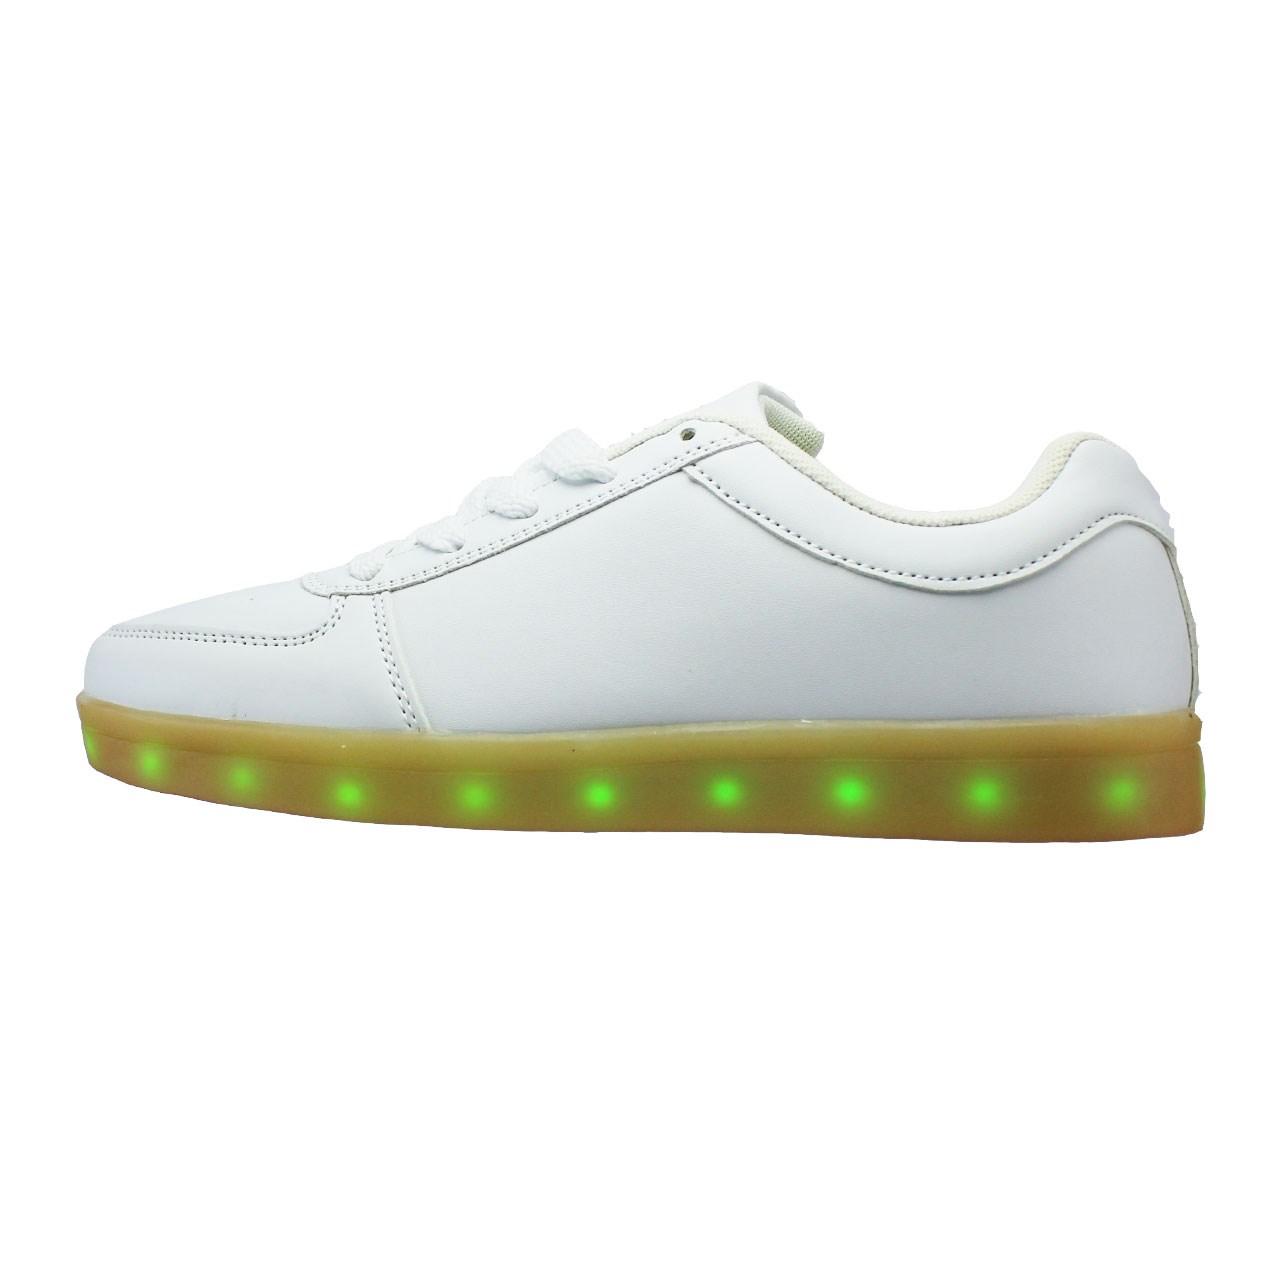 کفش چراغدار اسپرت بچه گانه مدل Light Shoes